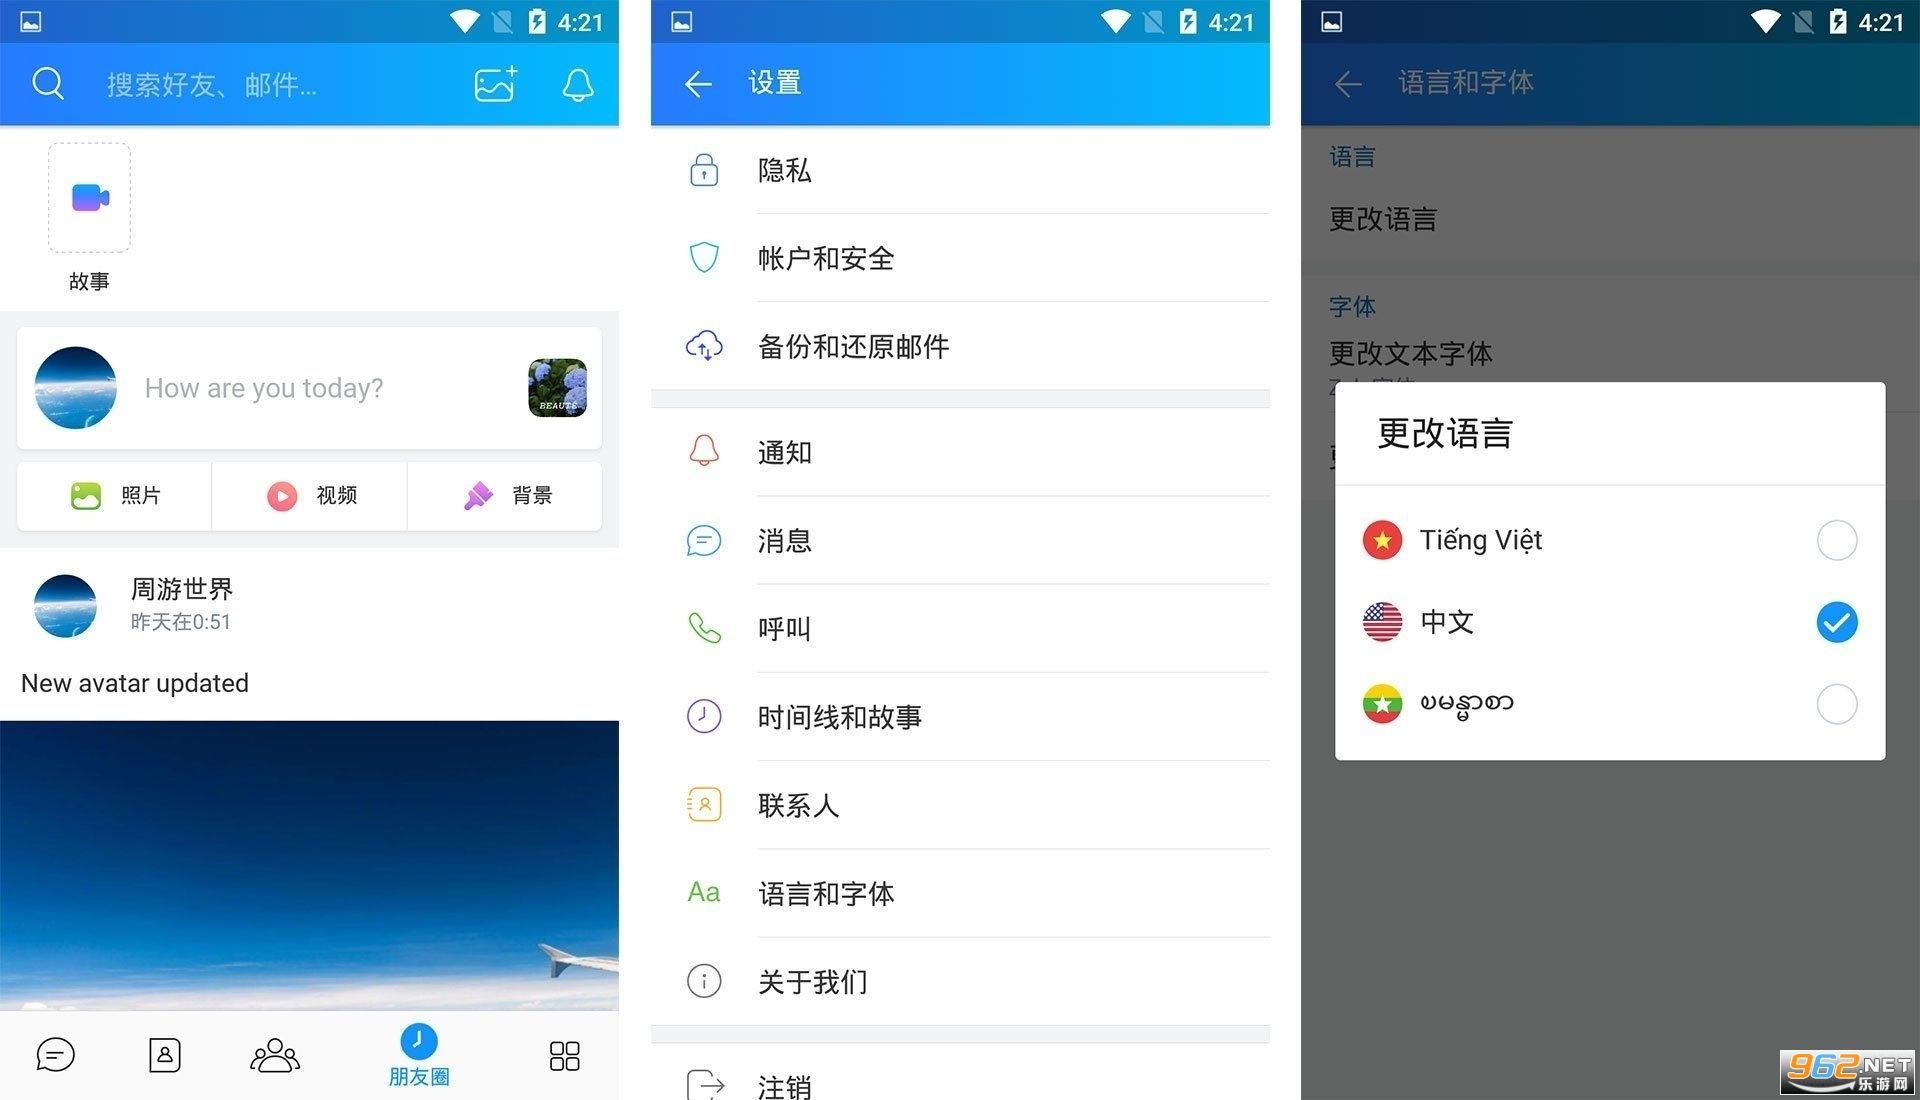 越南聊天软件zalo中文版2021截图3